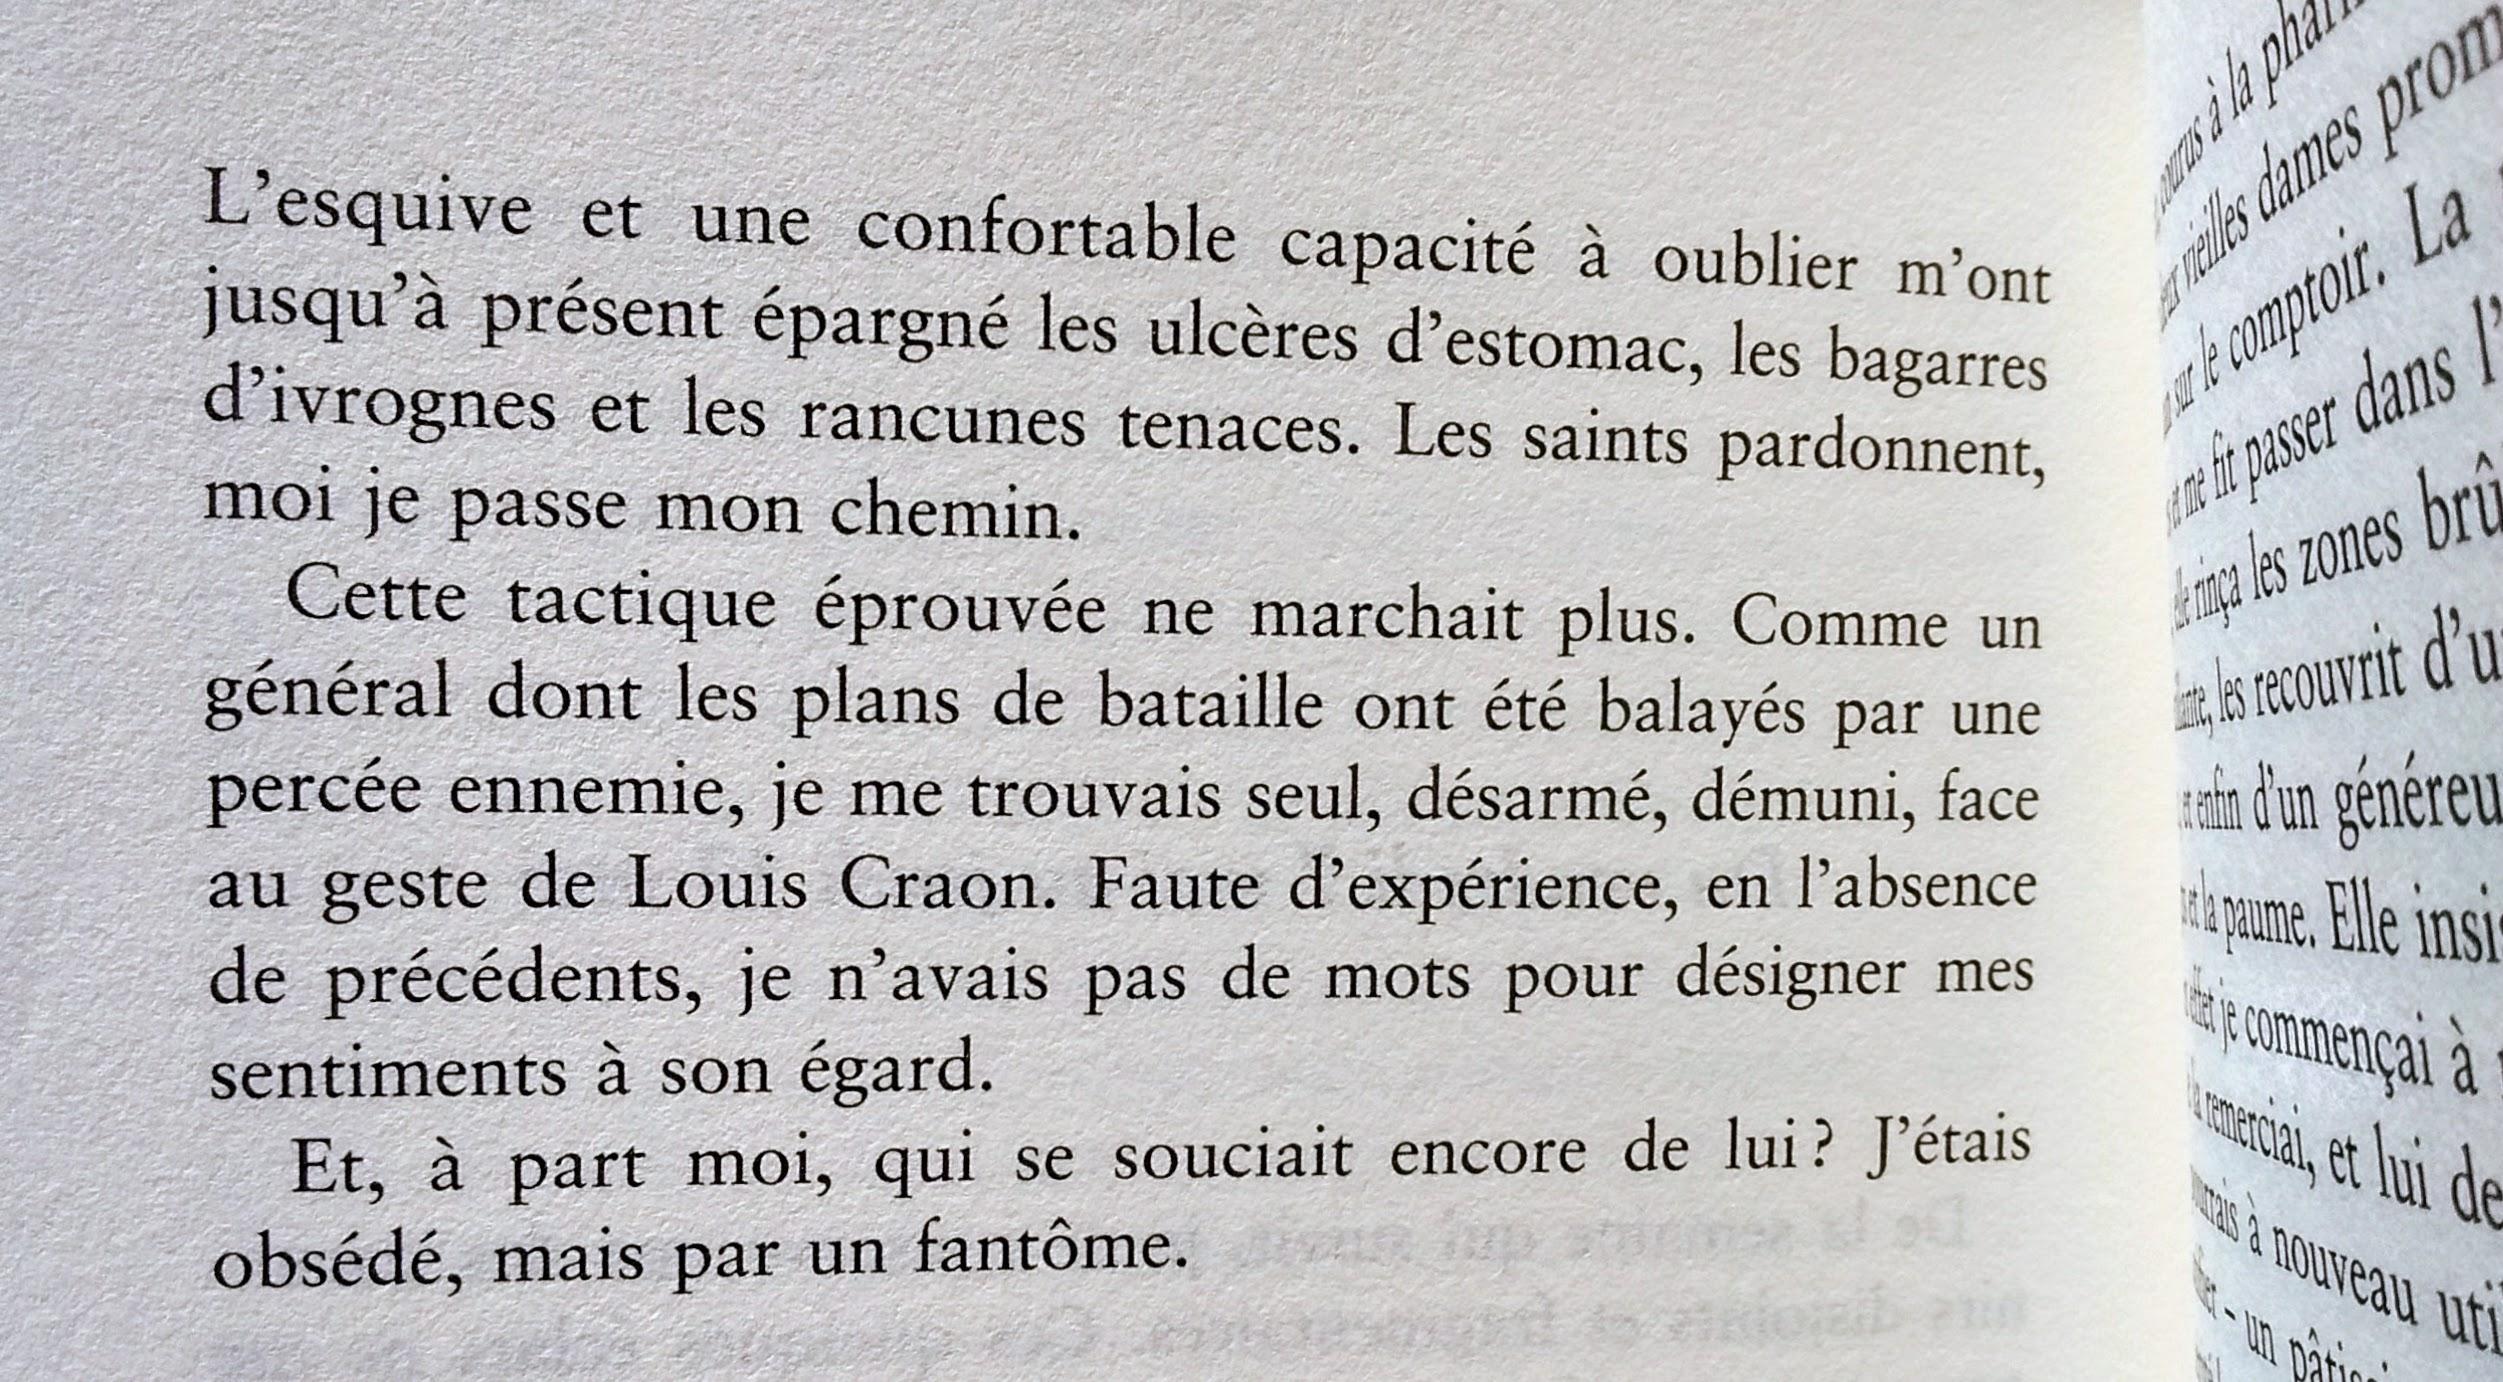 L'effroi de François Garde